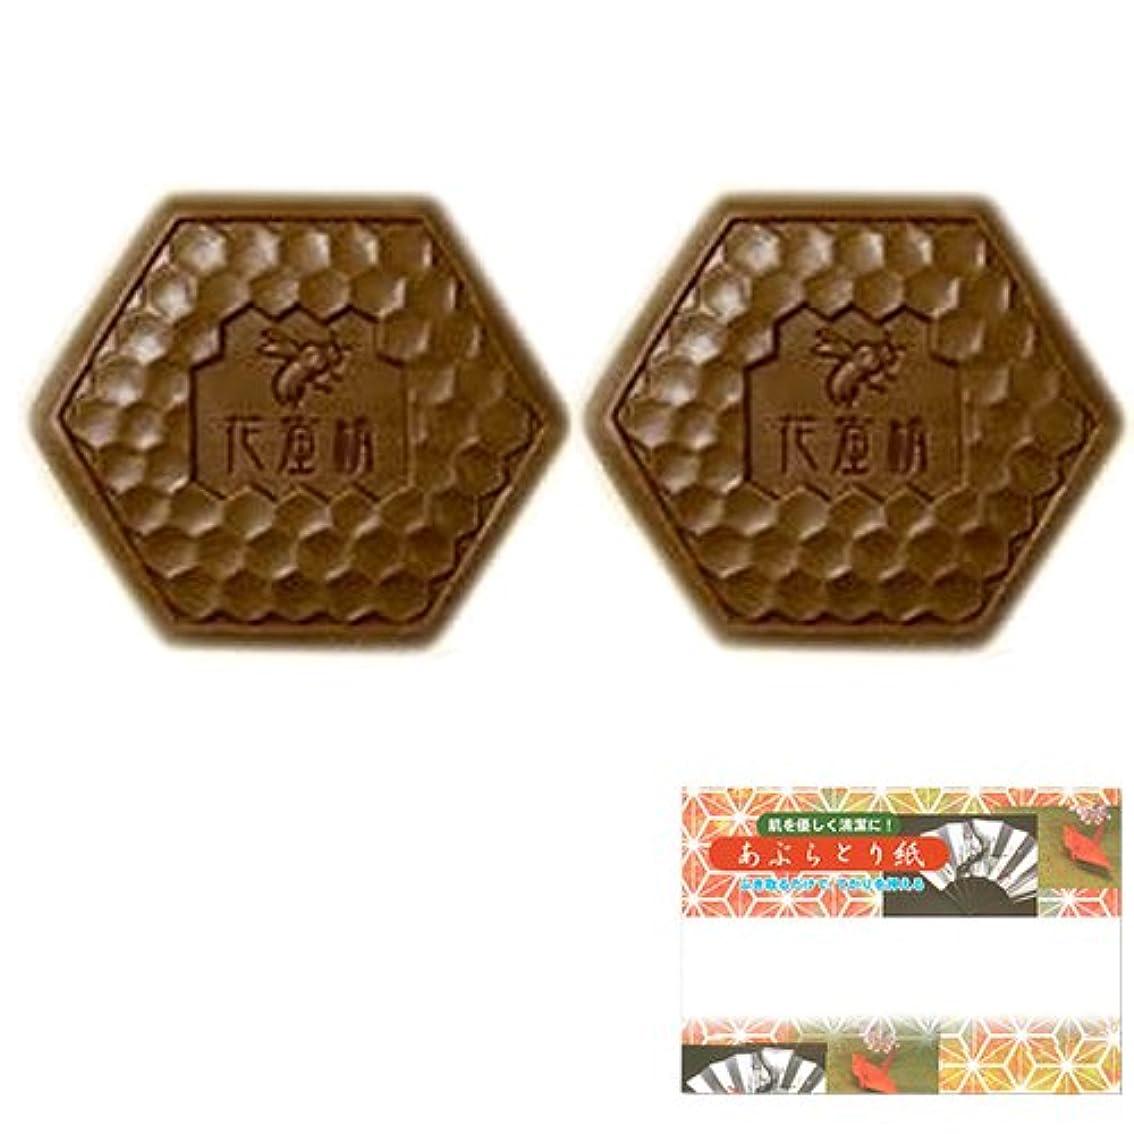 ダース具体的にジョリーフェニックス 花蜜精(かみつせい) はちみつ クレンジングソープ 2個 + 高級あぶらとり紙セット